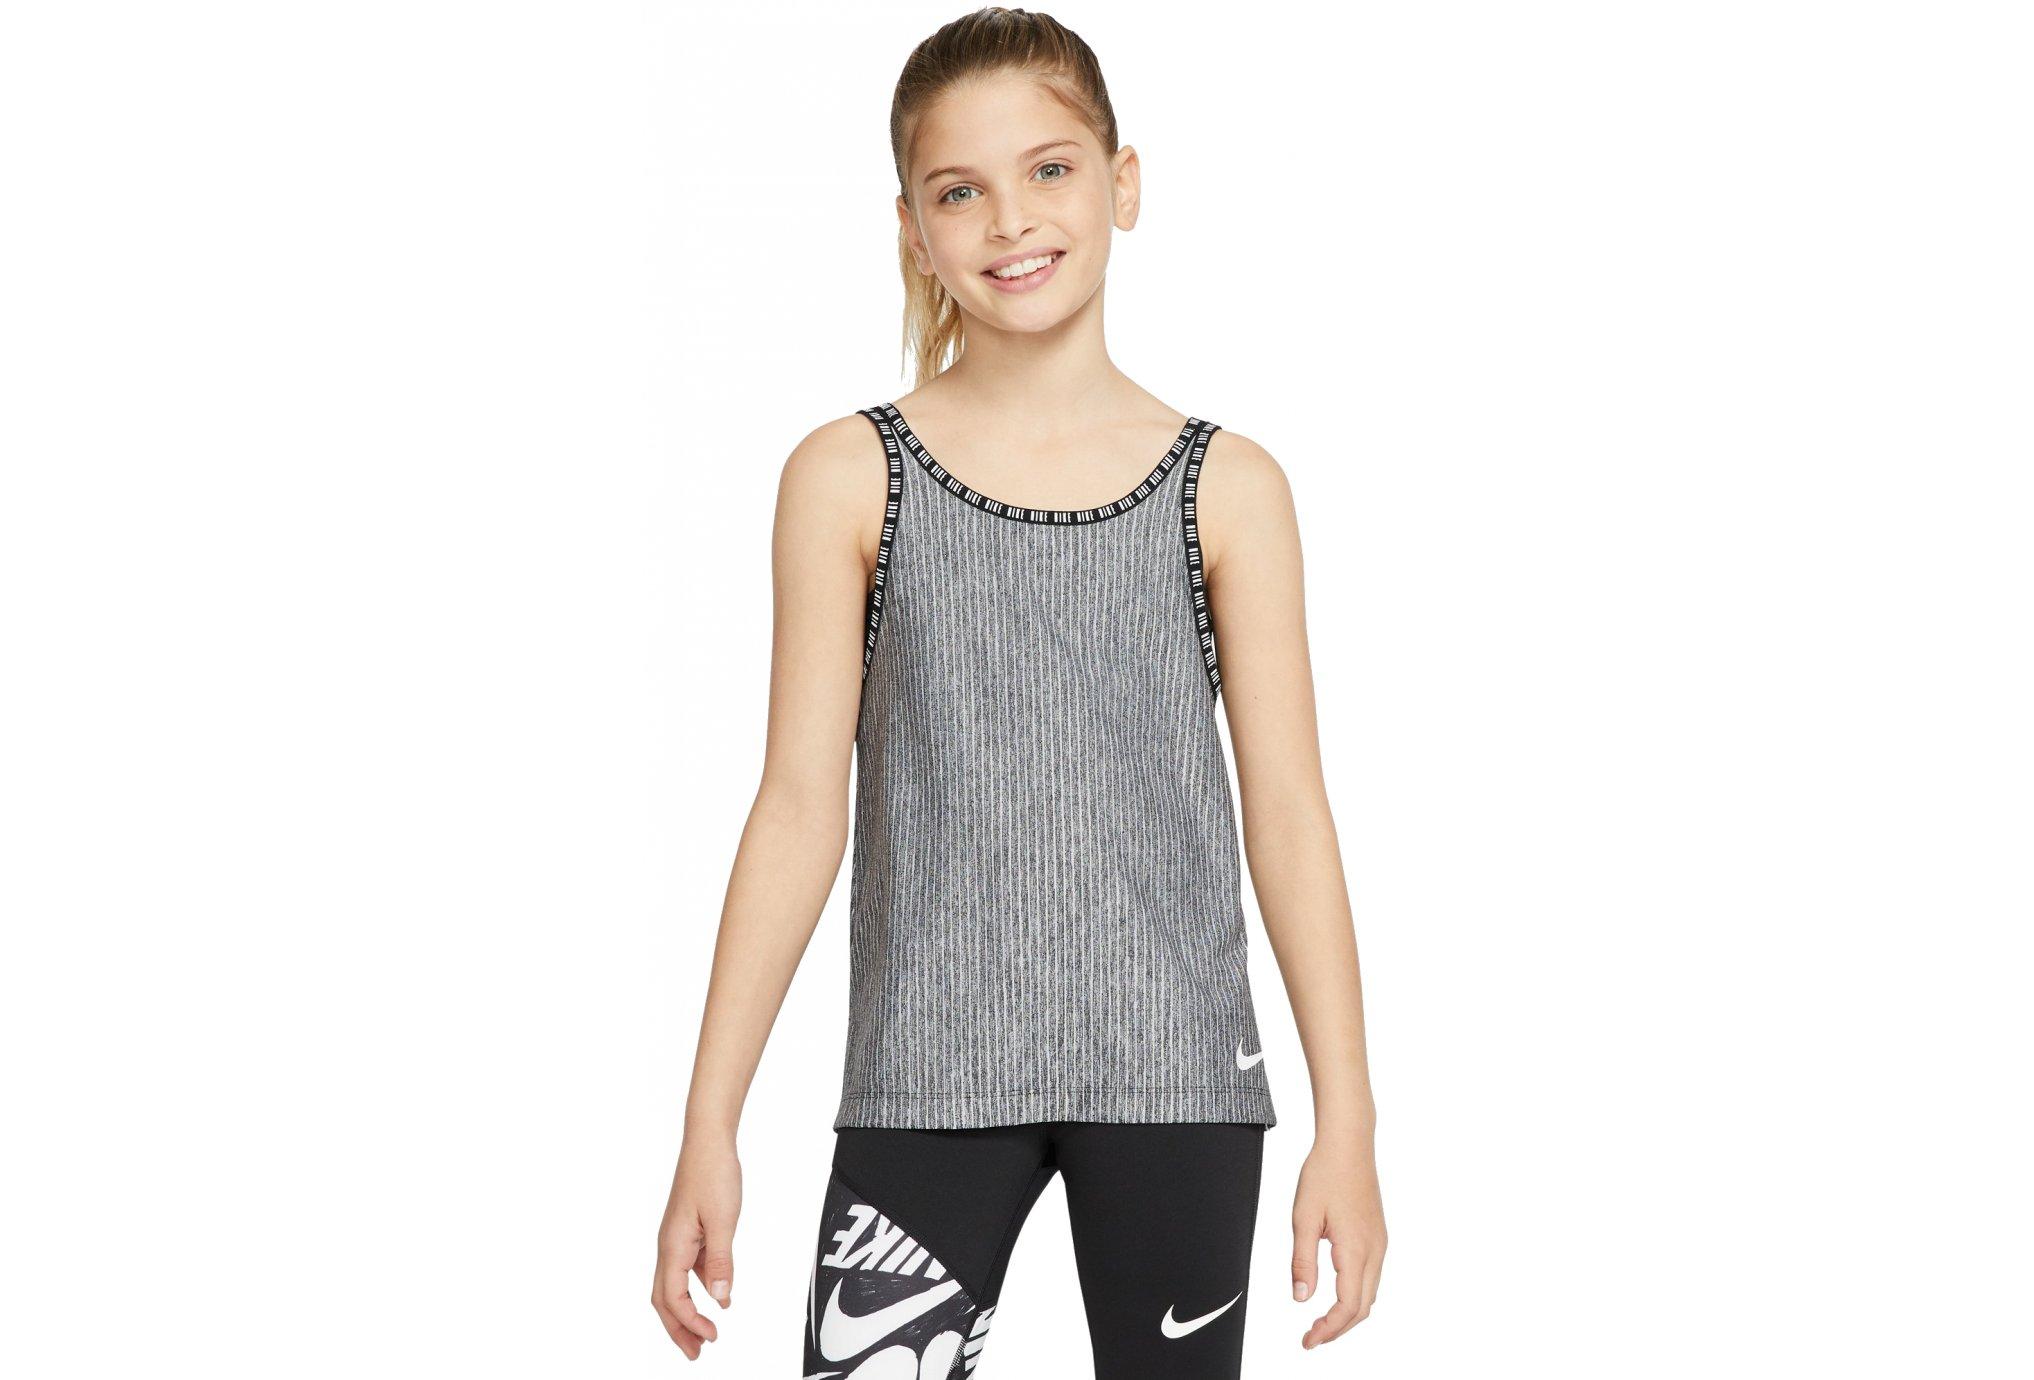 Nike 2 in 1 Fille vêtement running femme